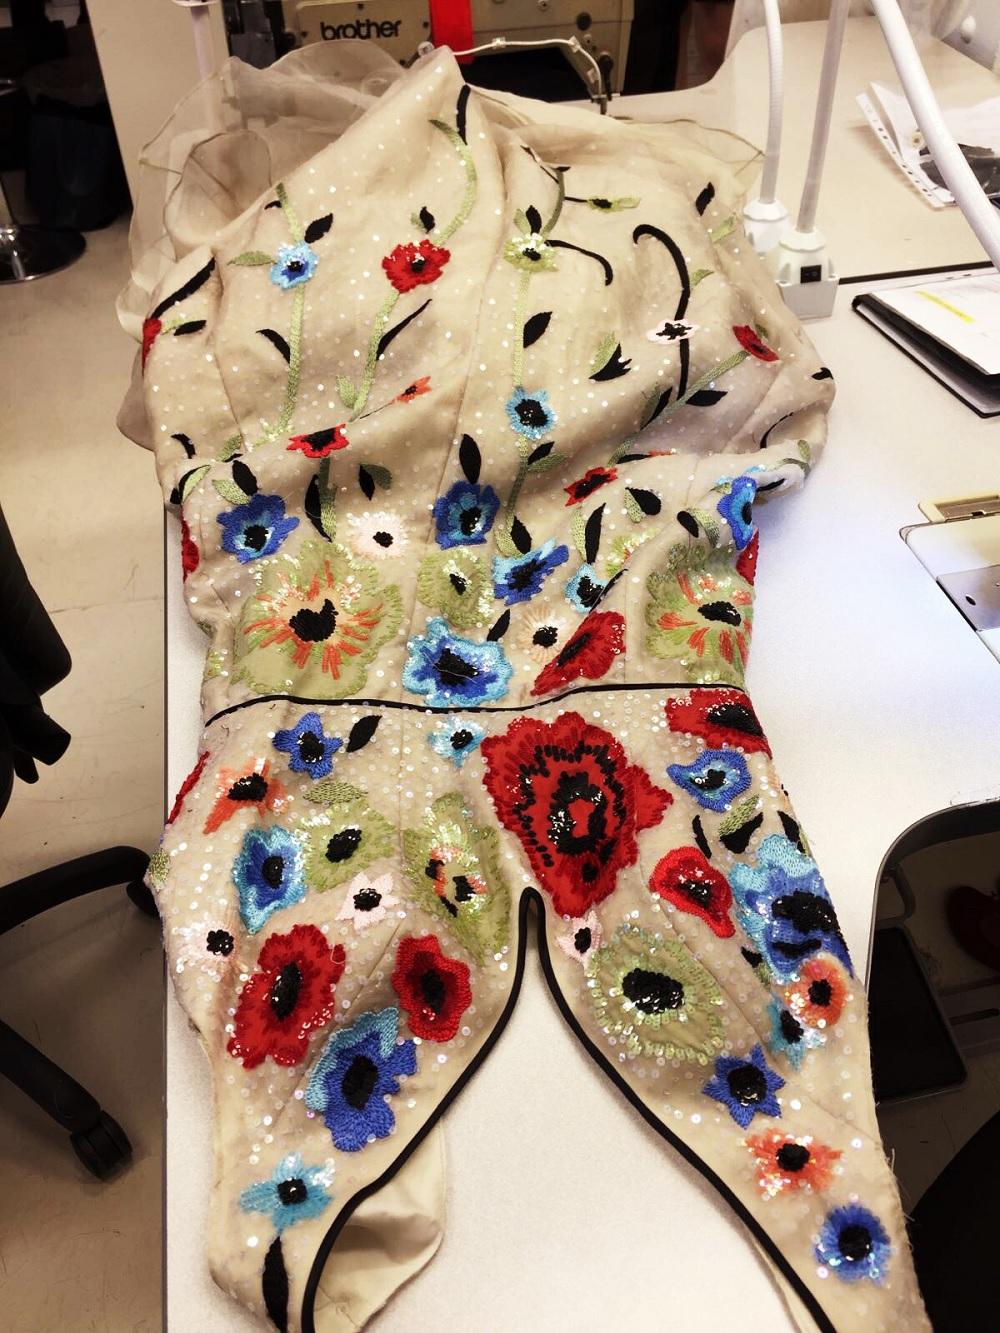 dress-alterations.jpg